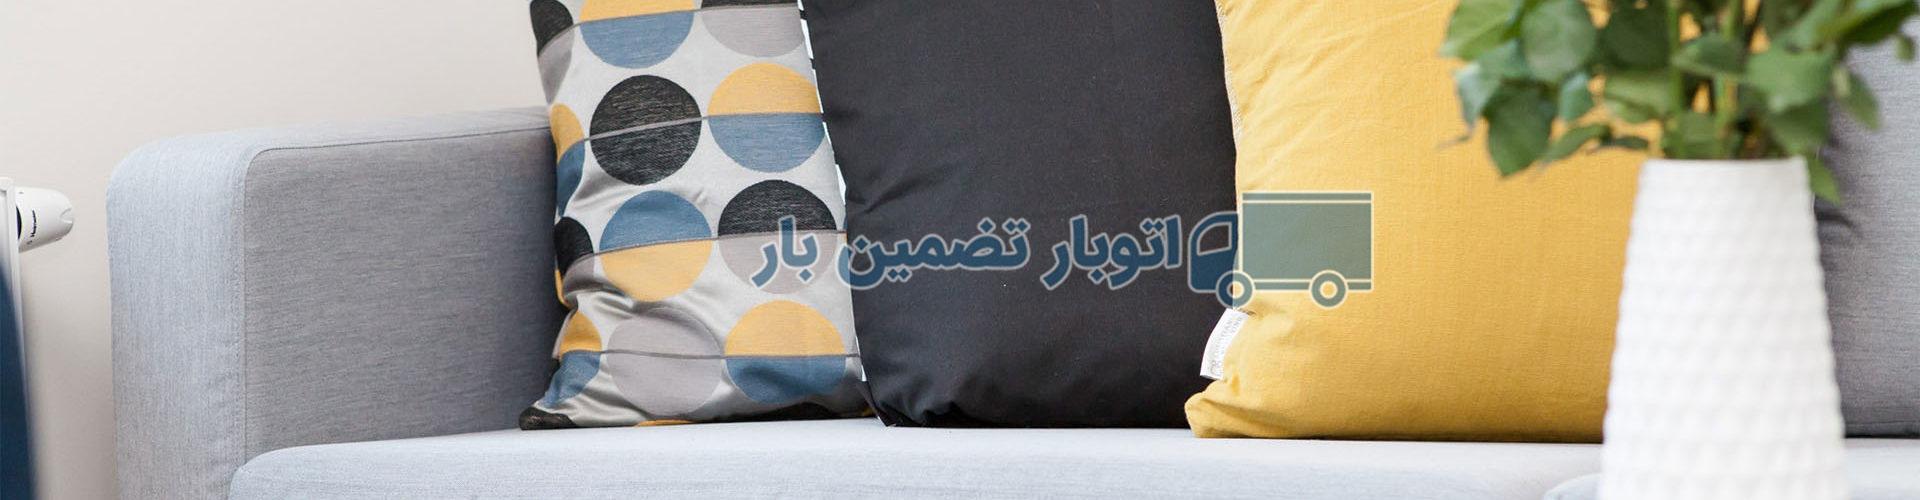 اسباب کشی منازل و اداری تهران باربری